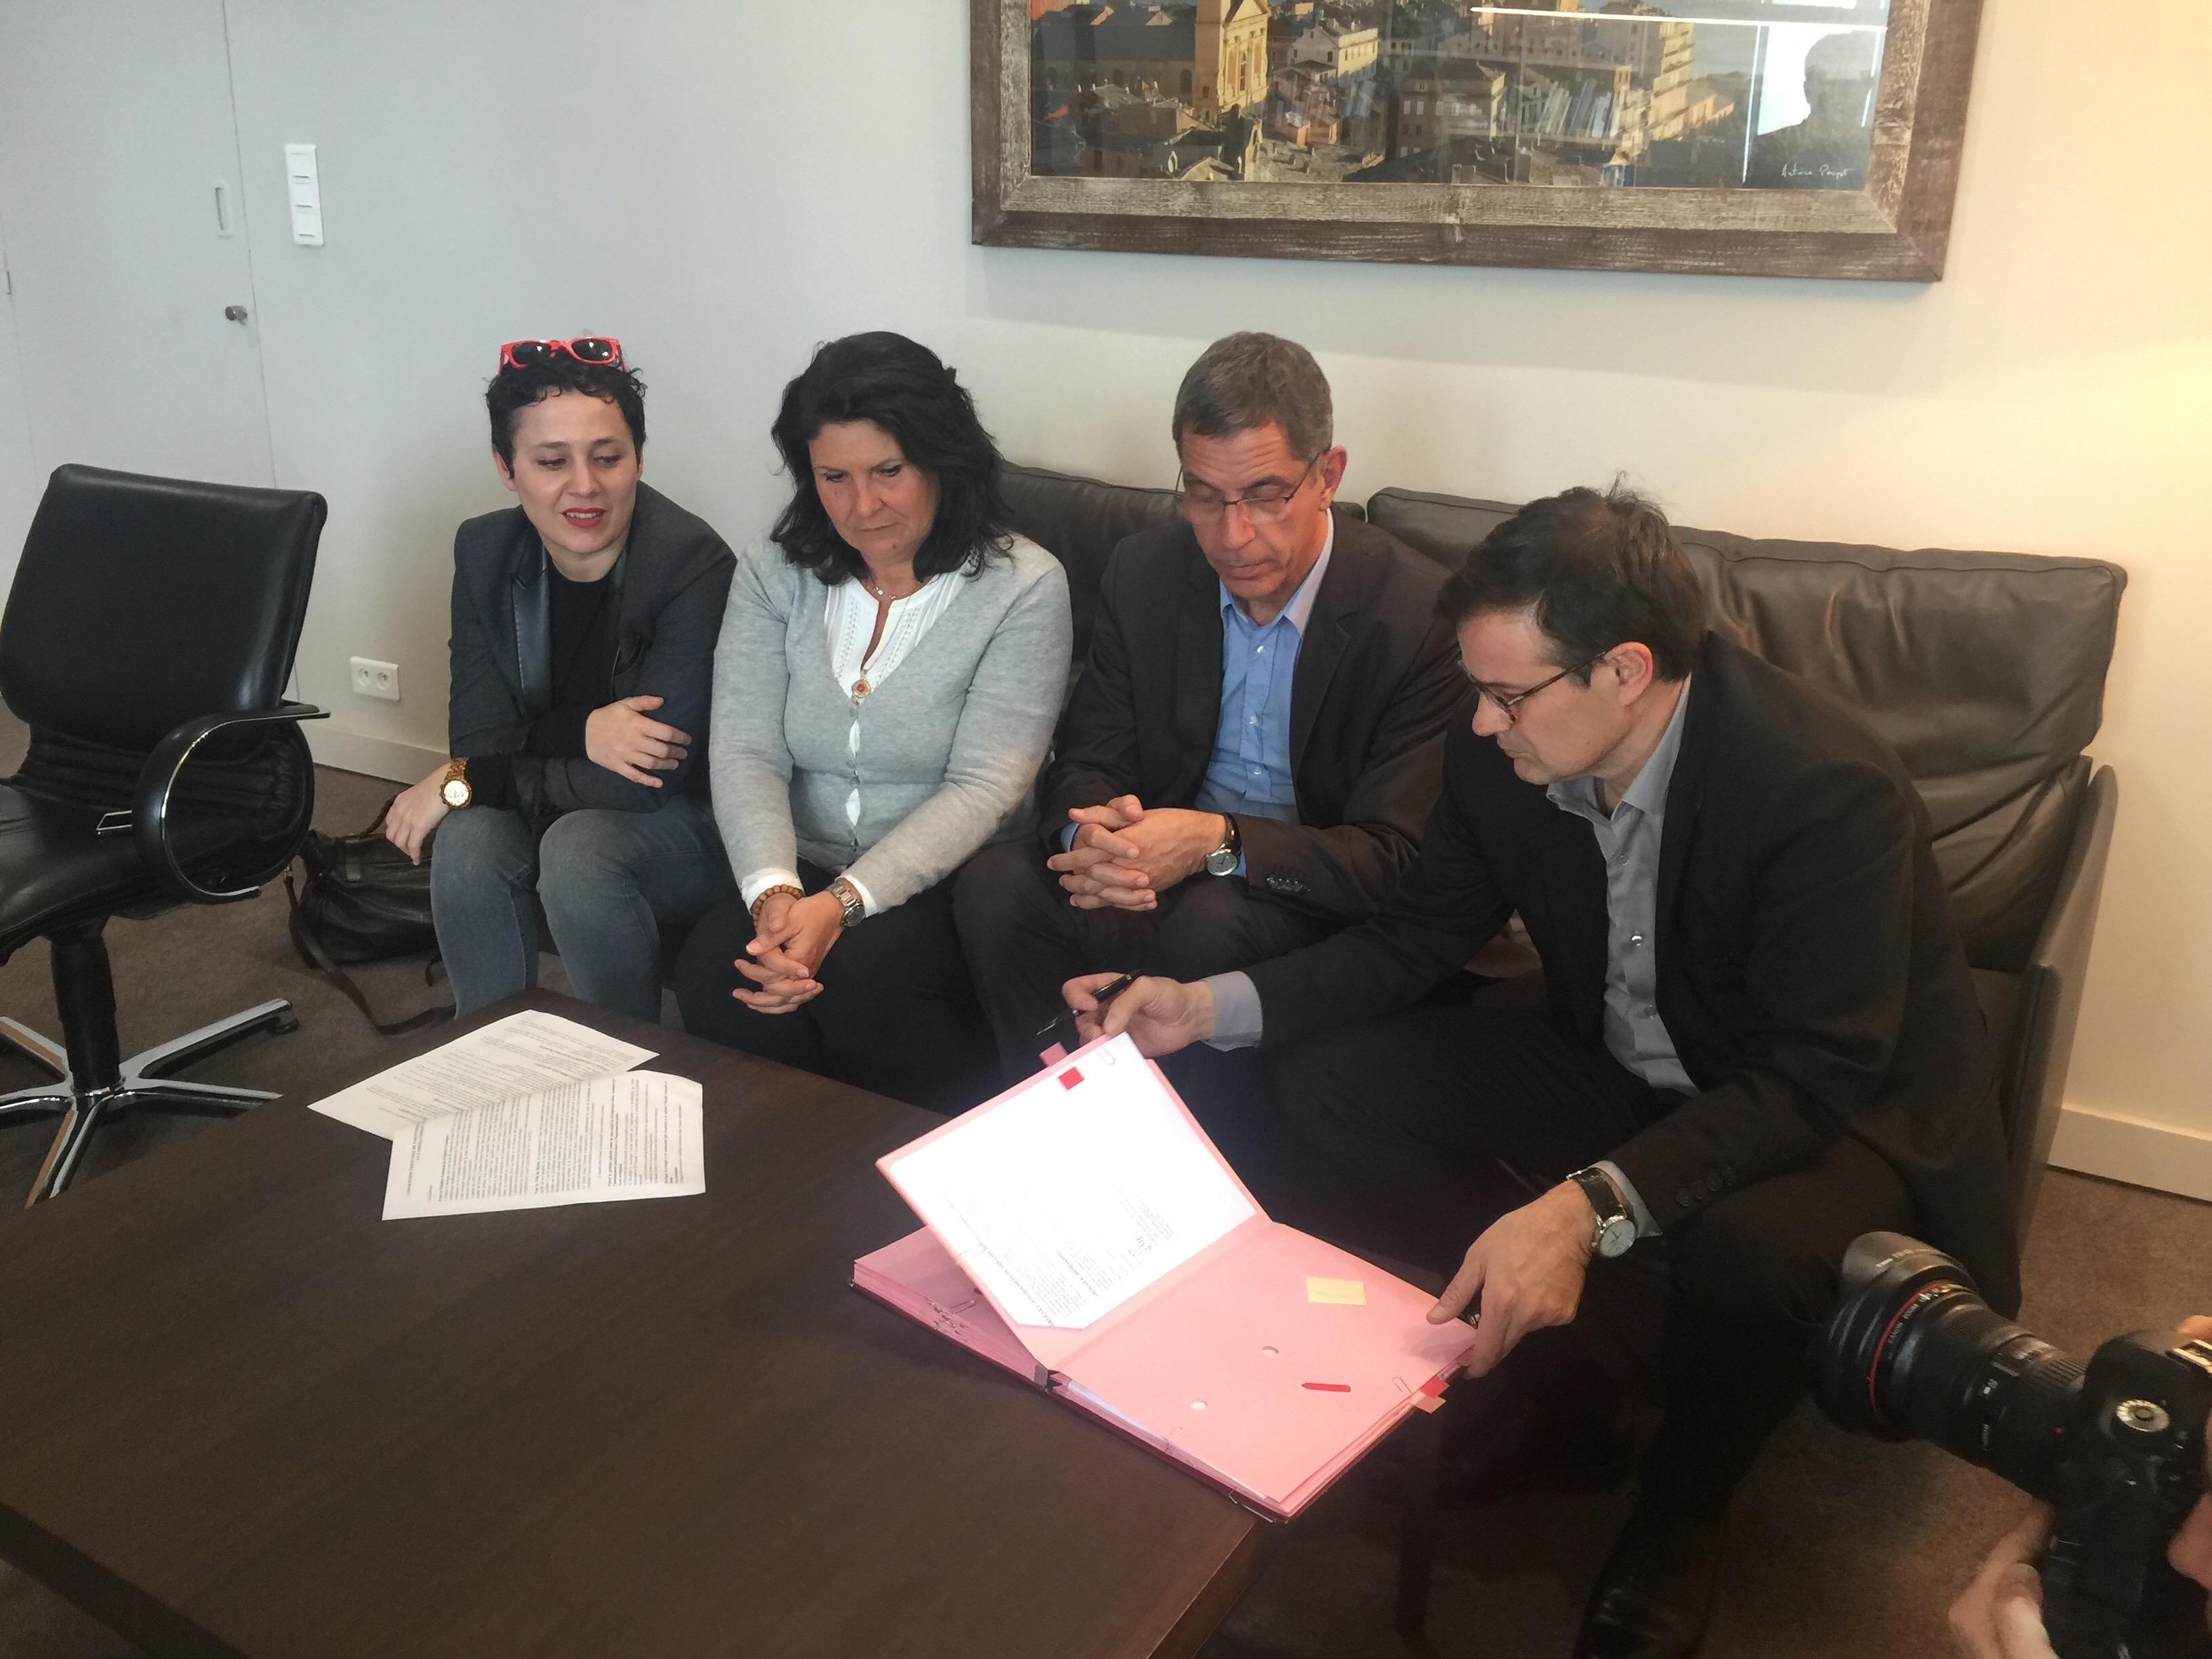 Frédérique Balbinot, programmatrice spectacle vivant, Mattea Lacave, élue à la culture, Pierre Savelli, maire de Bastia et Olivier Mantei, directeur de l'Opéra Comique